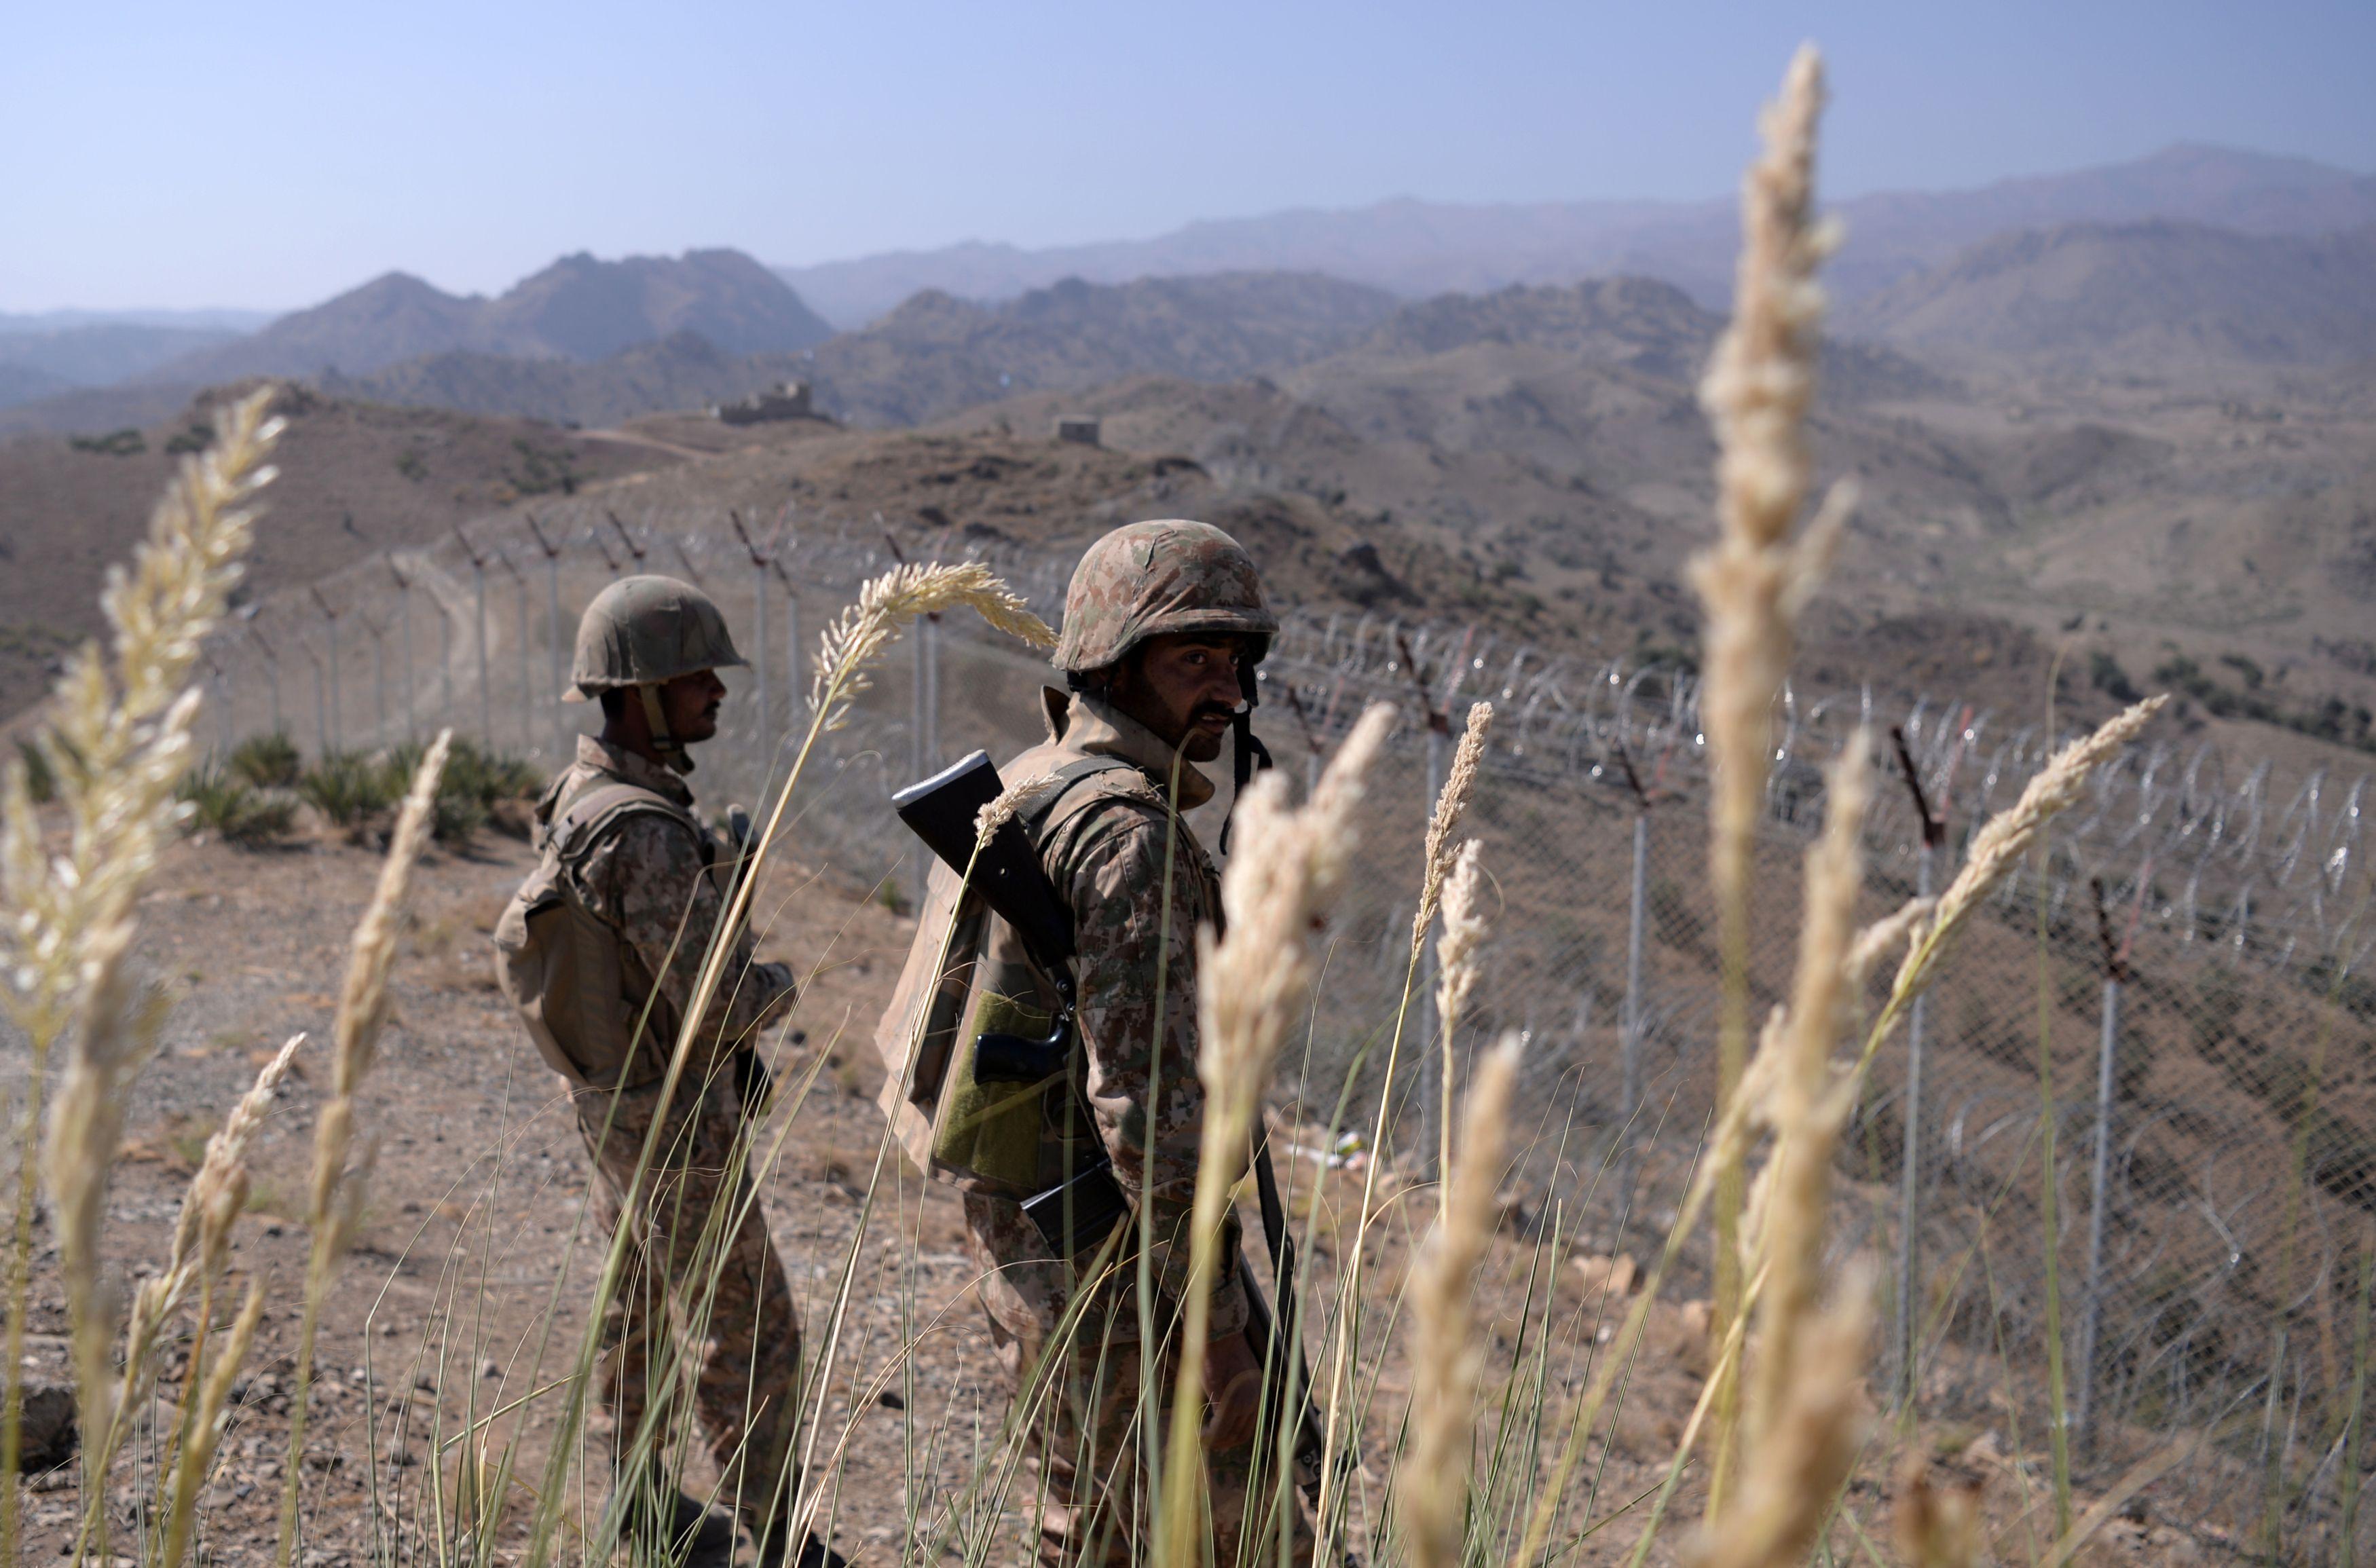 Atentados no Afeganistão continuam a matar. Pelo menos 30 mortos em Cabul